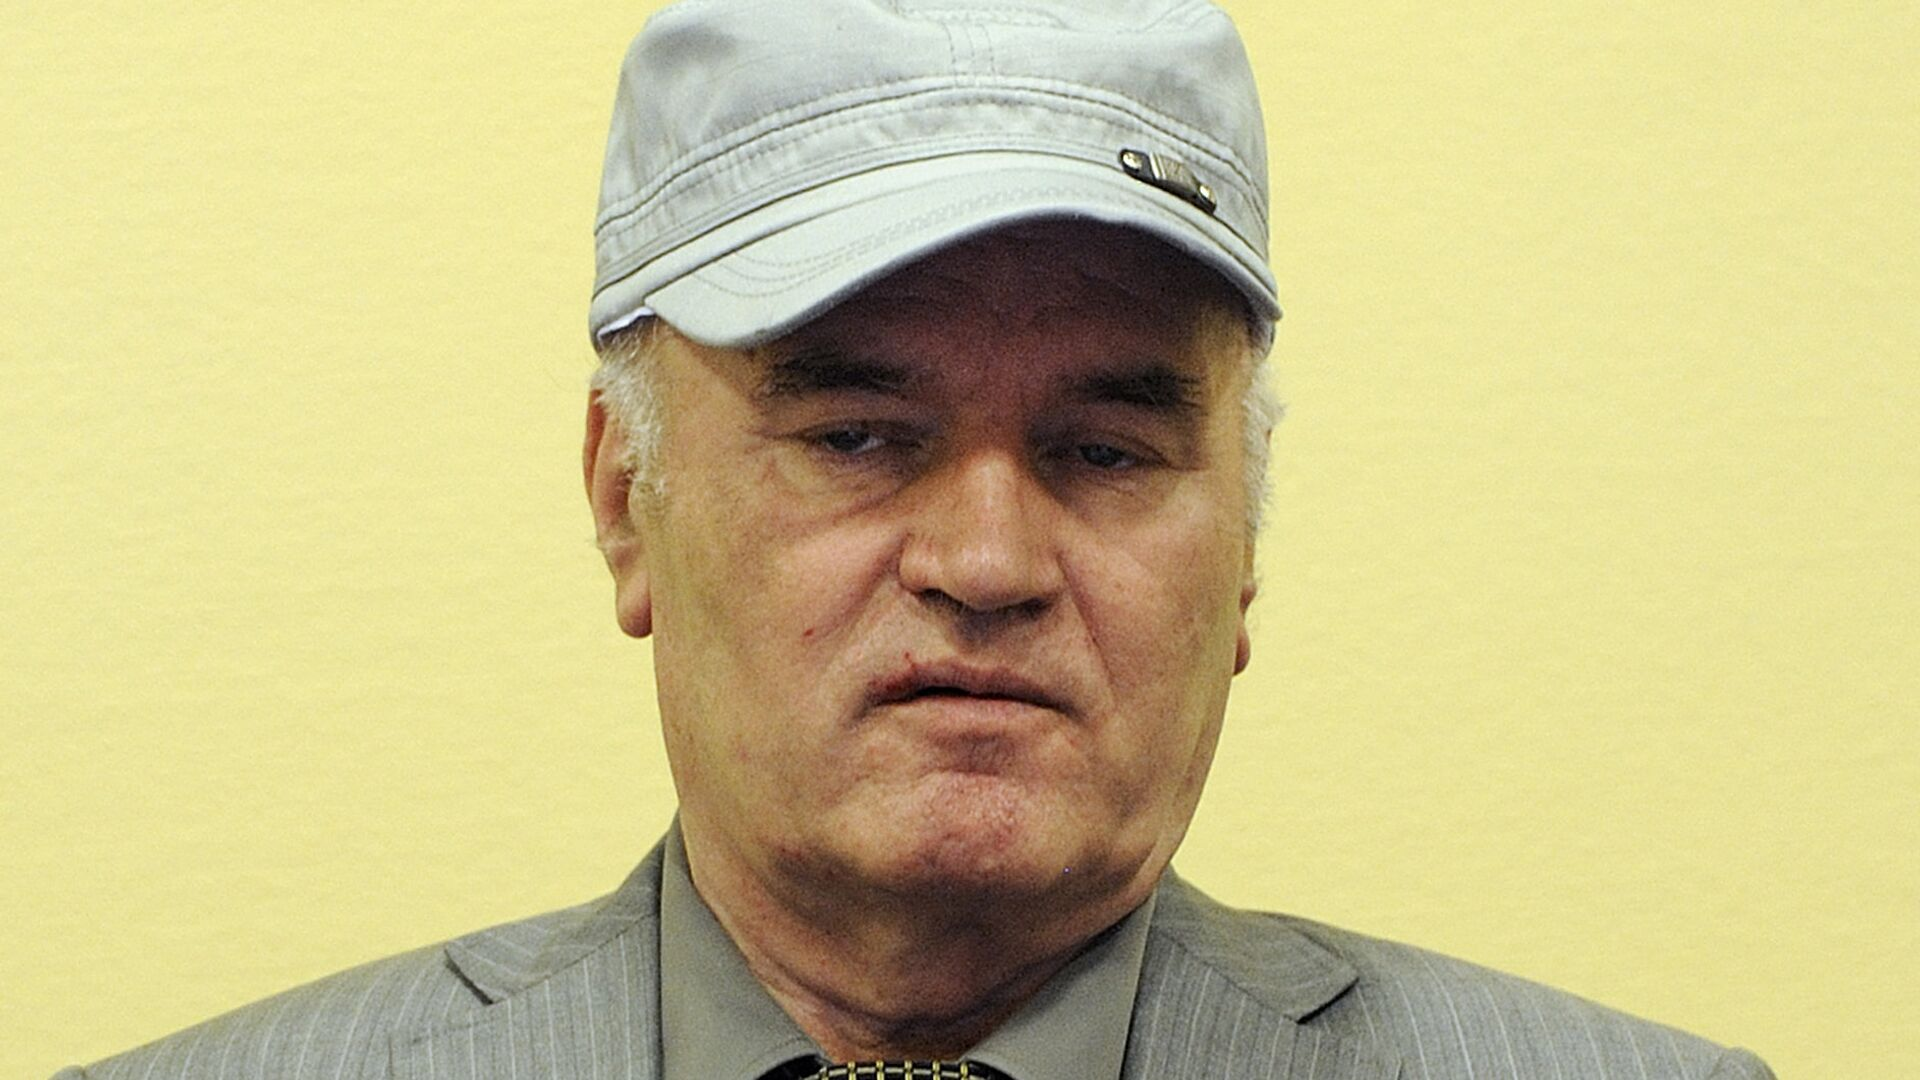 Сербский генерал Ратко Младич в Международном трибунале по бывшей Югославии (МТБЮ) в Гааге, Нидерланды - РИА Новости, 1920, 08.06.2021